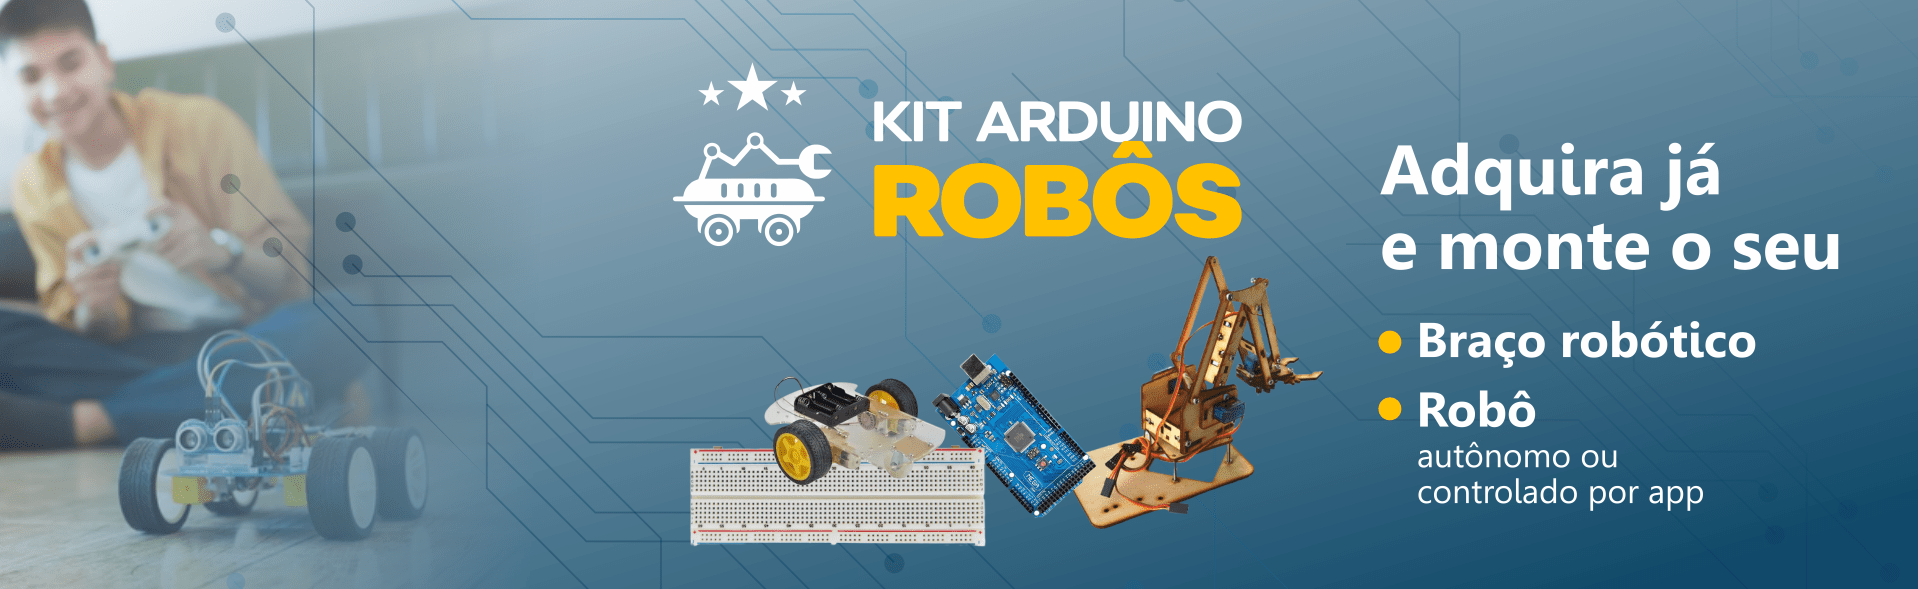 Kit Robo 2020